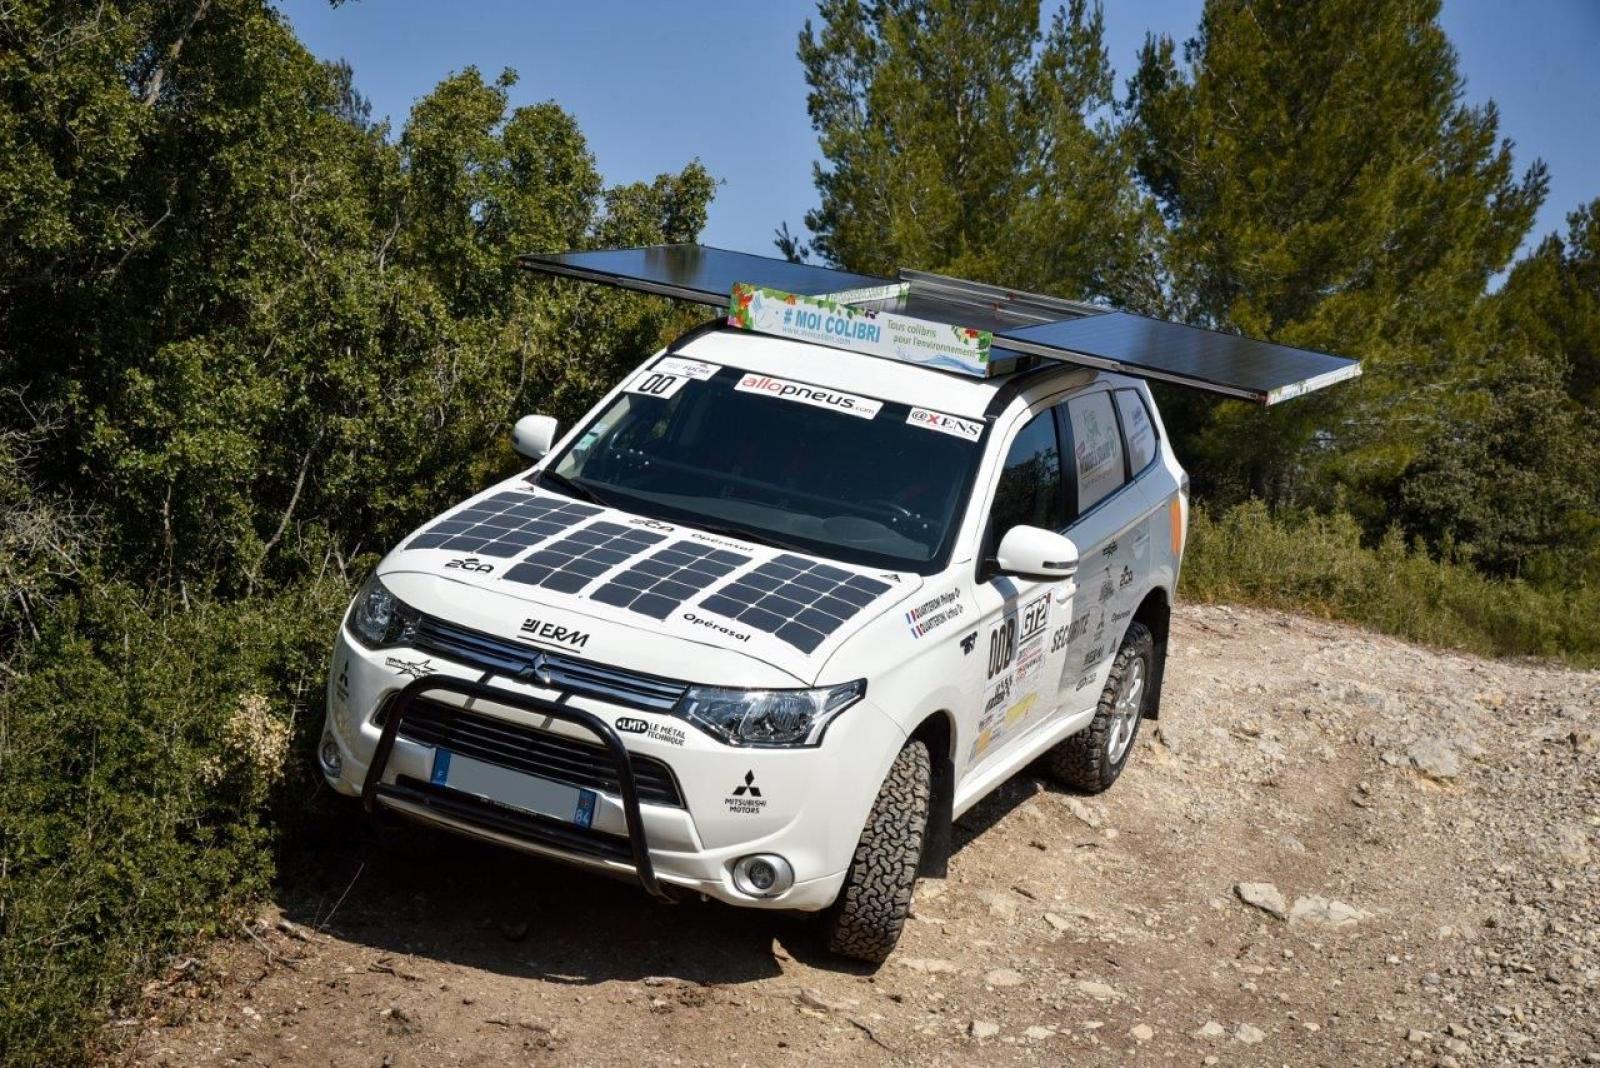 MITSUBISHI Outlander 4x4 PHEV Hybrid og sol til rallyorientering og ekspedition - 2